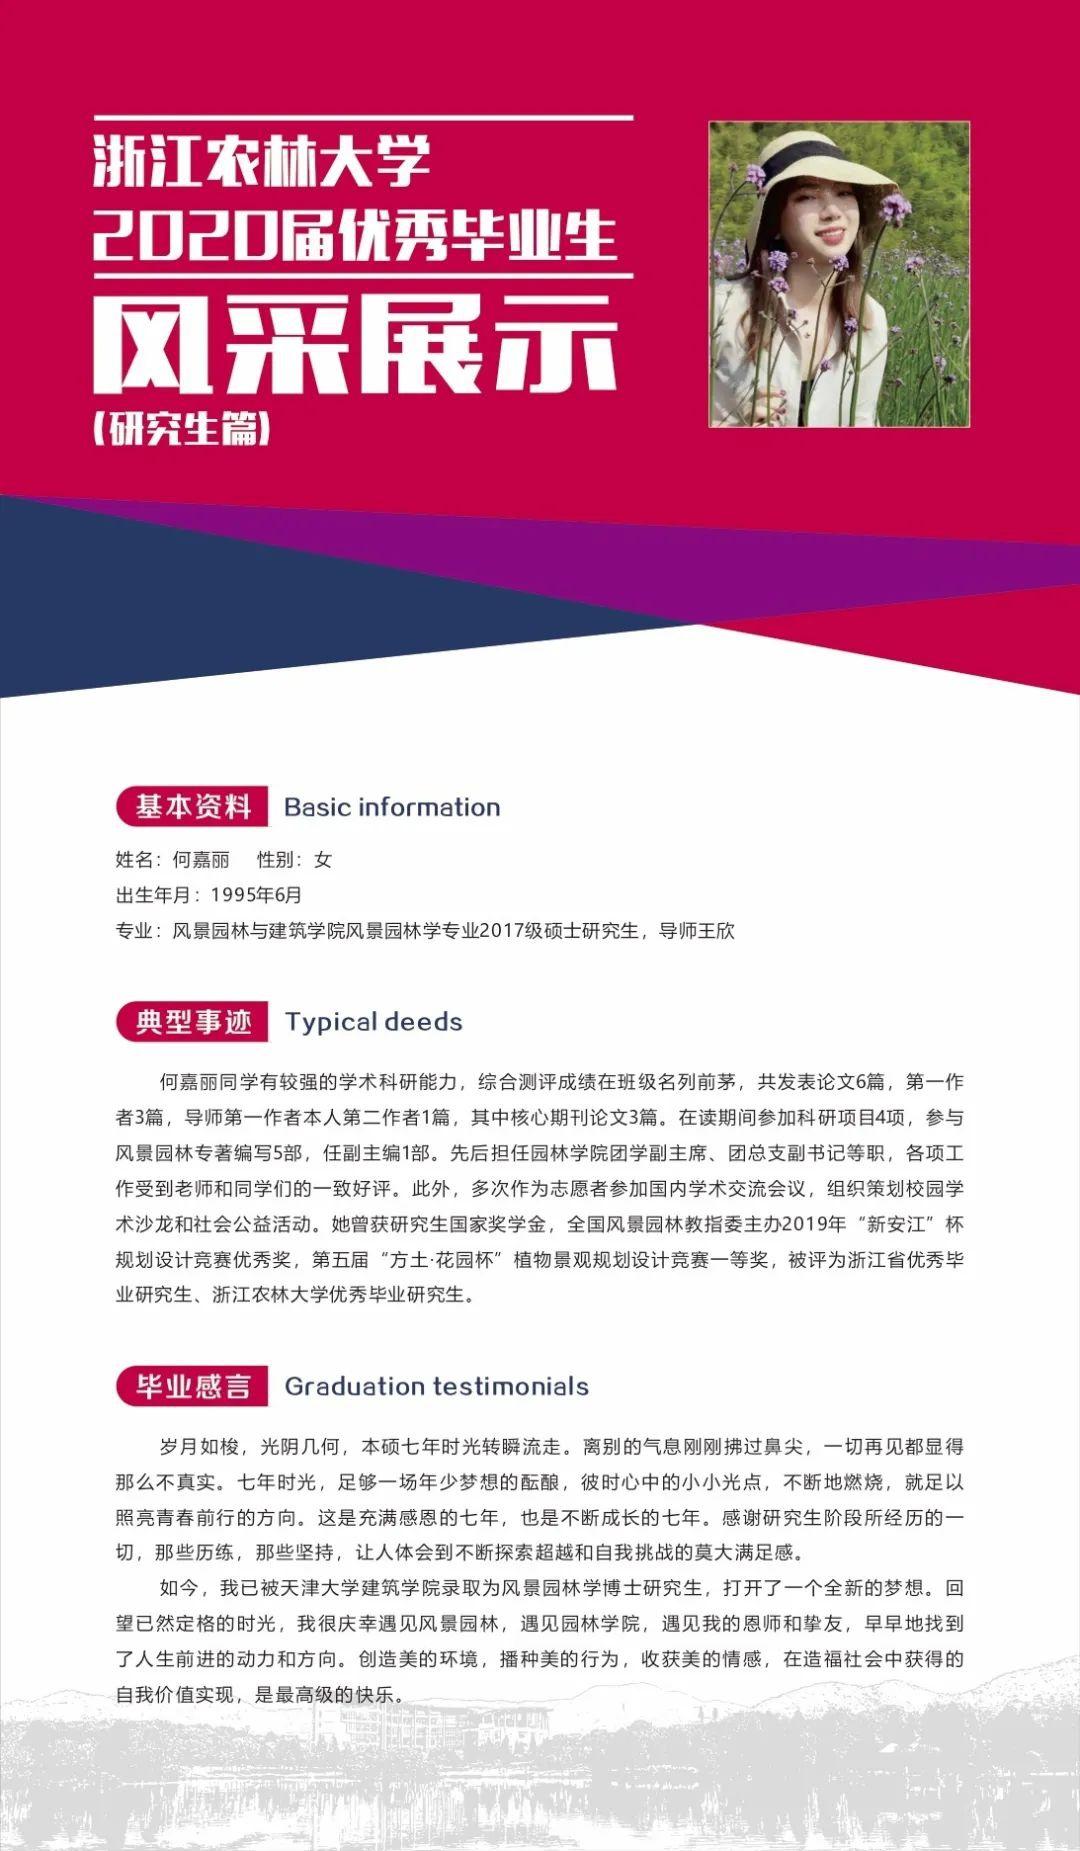 圆梦浙农林|2020届优秀毕业生展示之研究生篇